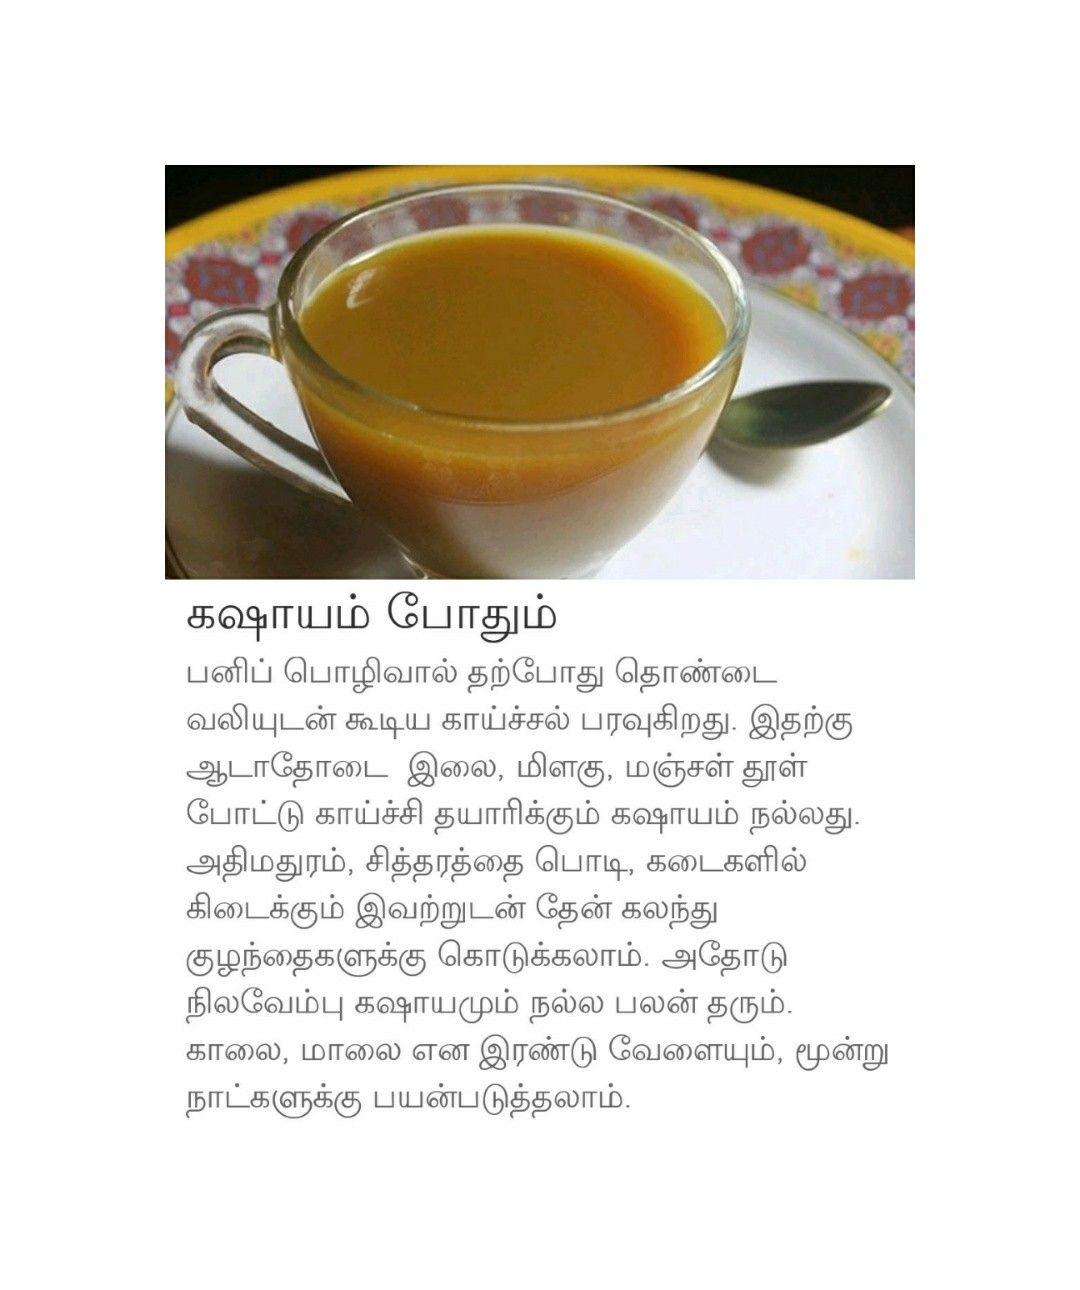 Pin by Vasu, Chittoor on Tamil, Vasu, Chittoor Natural